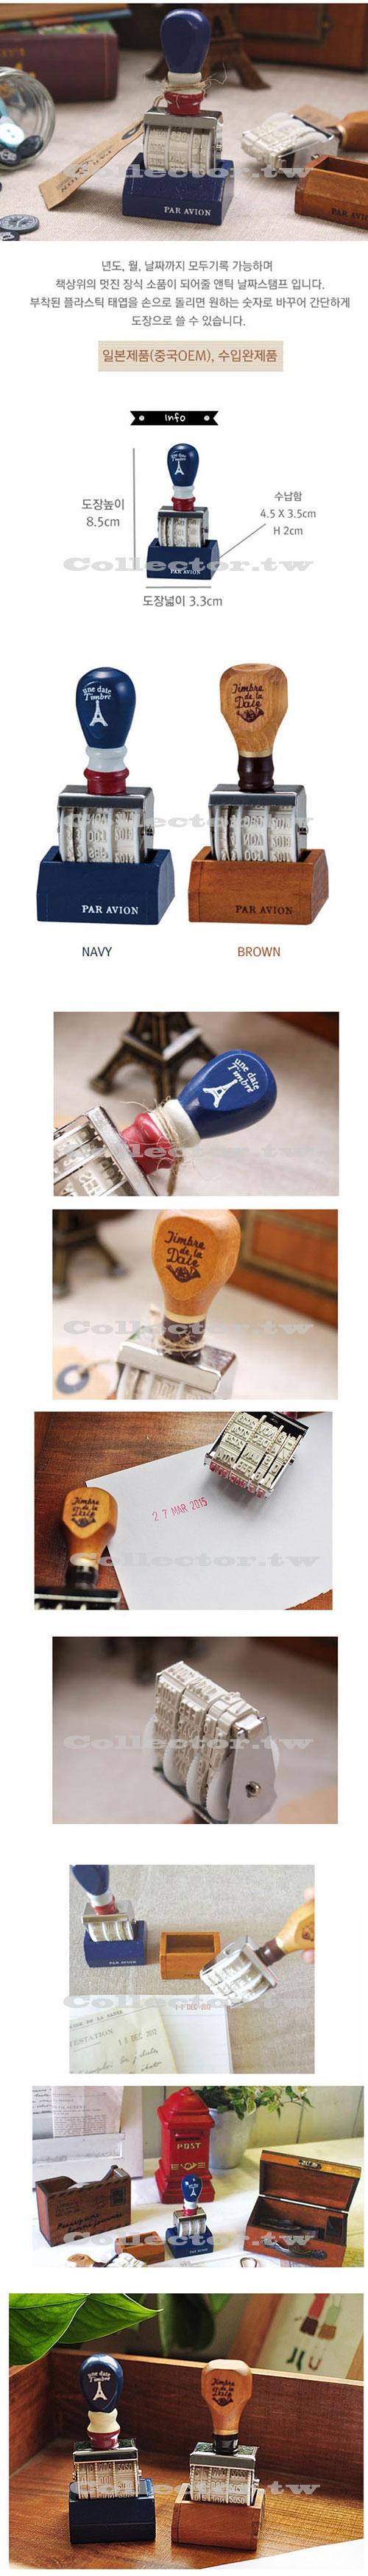 日韓流行-復古風木質手柄日期印章 滾輪印章 圖示介紹1